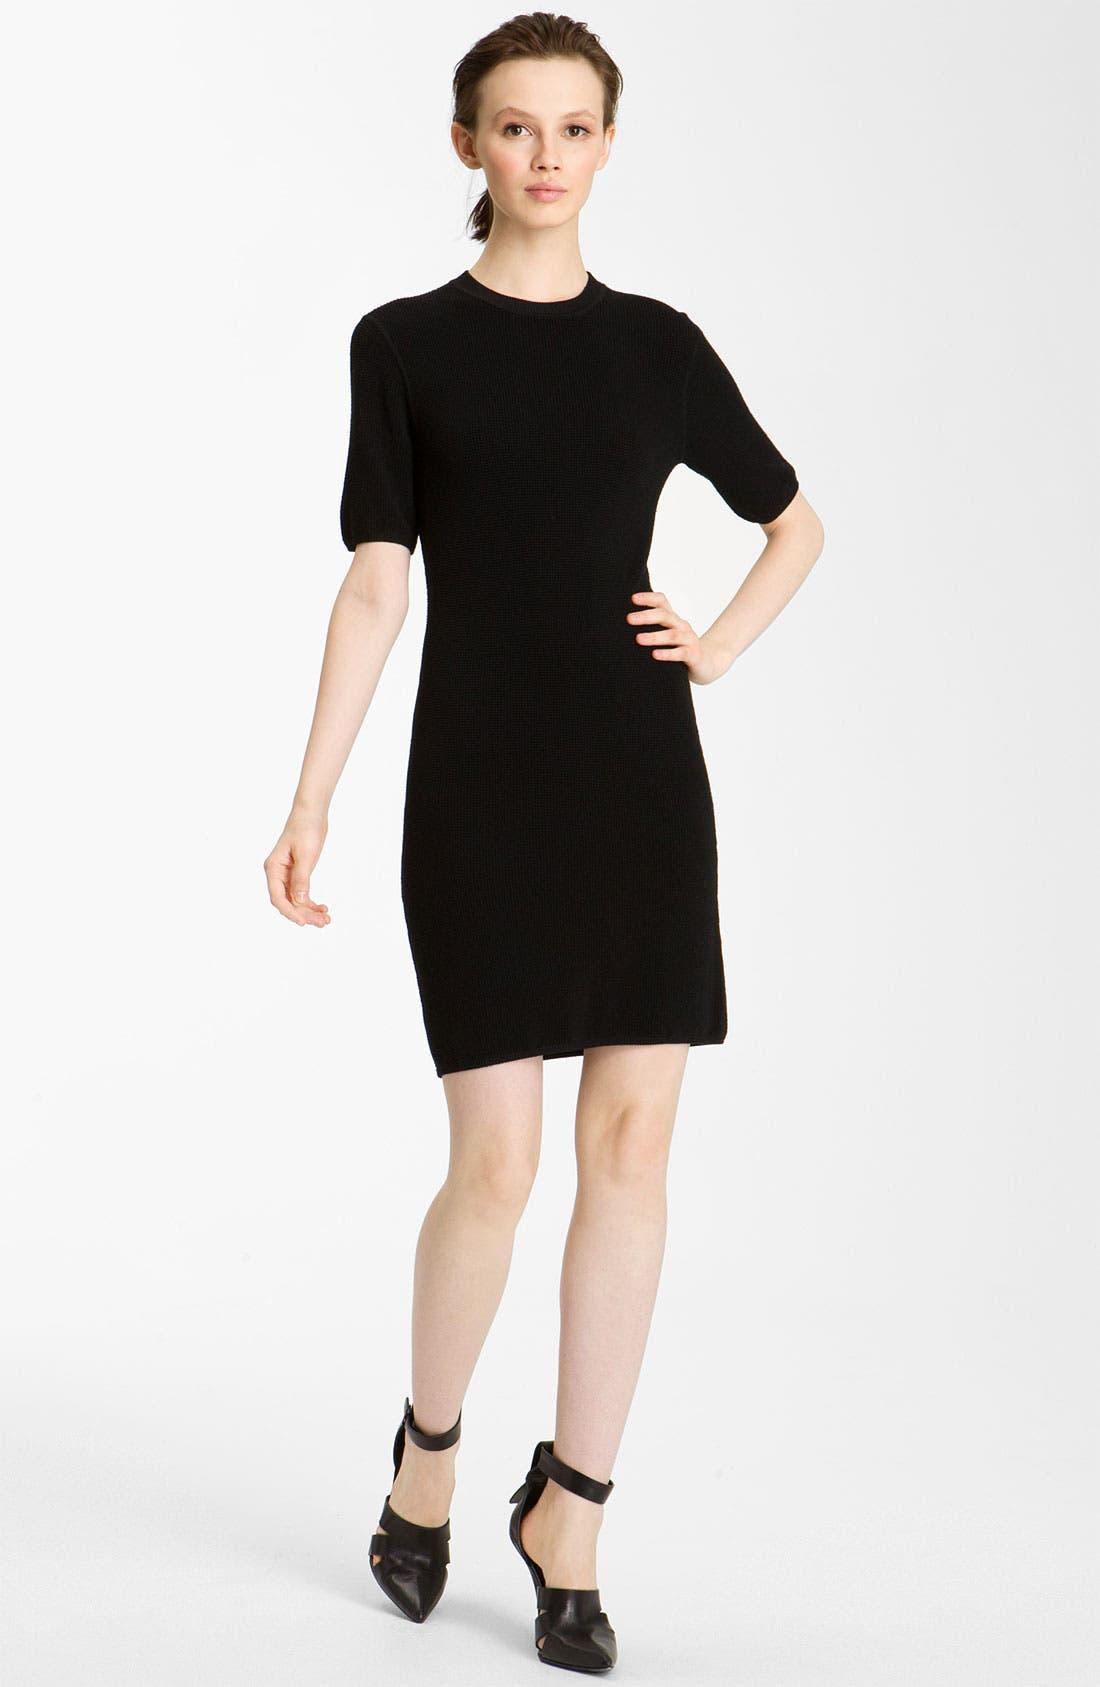 Main Image - T by Alexander Wang Thermal Dress